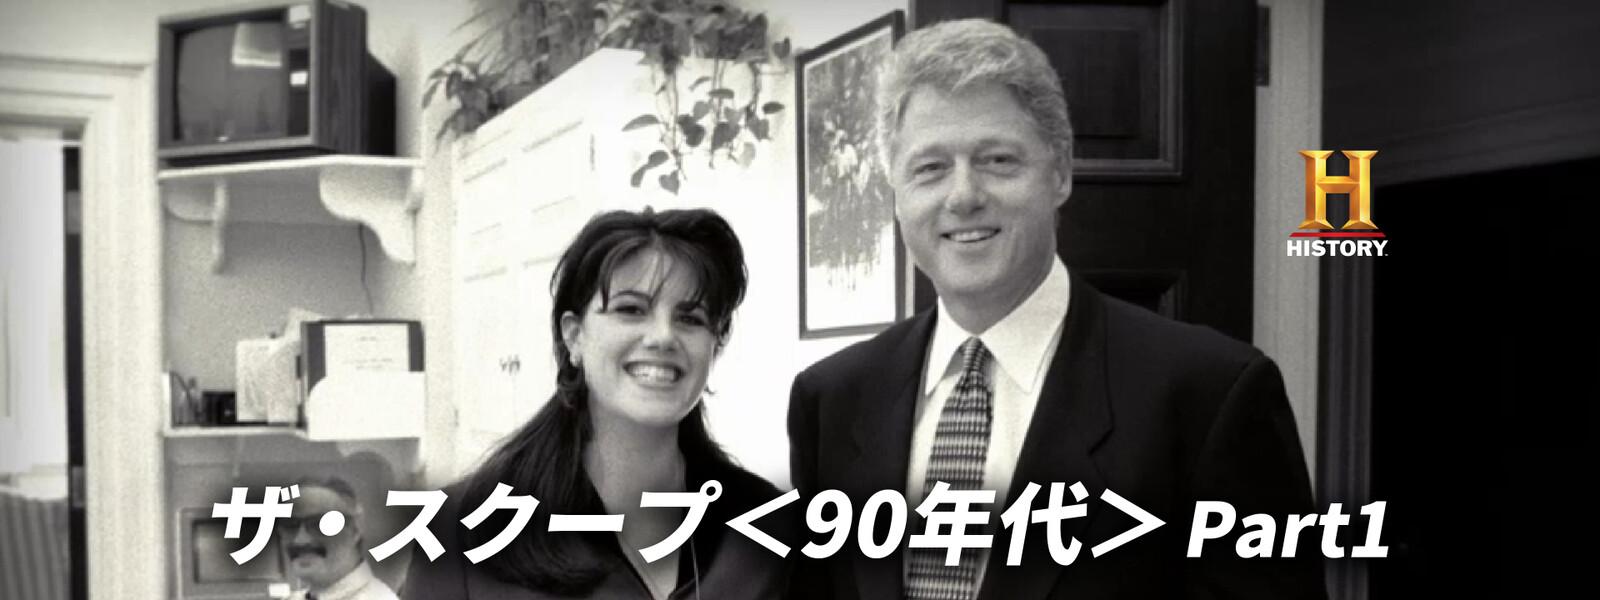 ザ・スクープ〈90年代〉Part1 動画